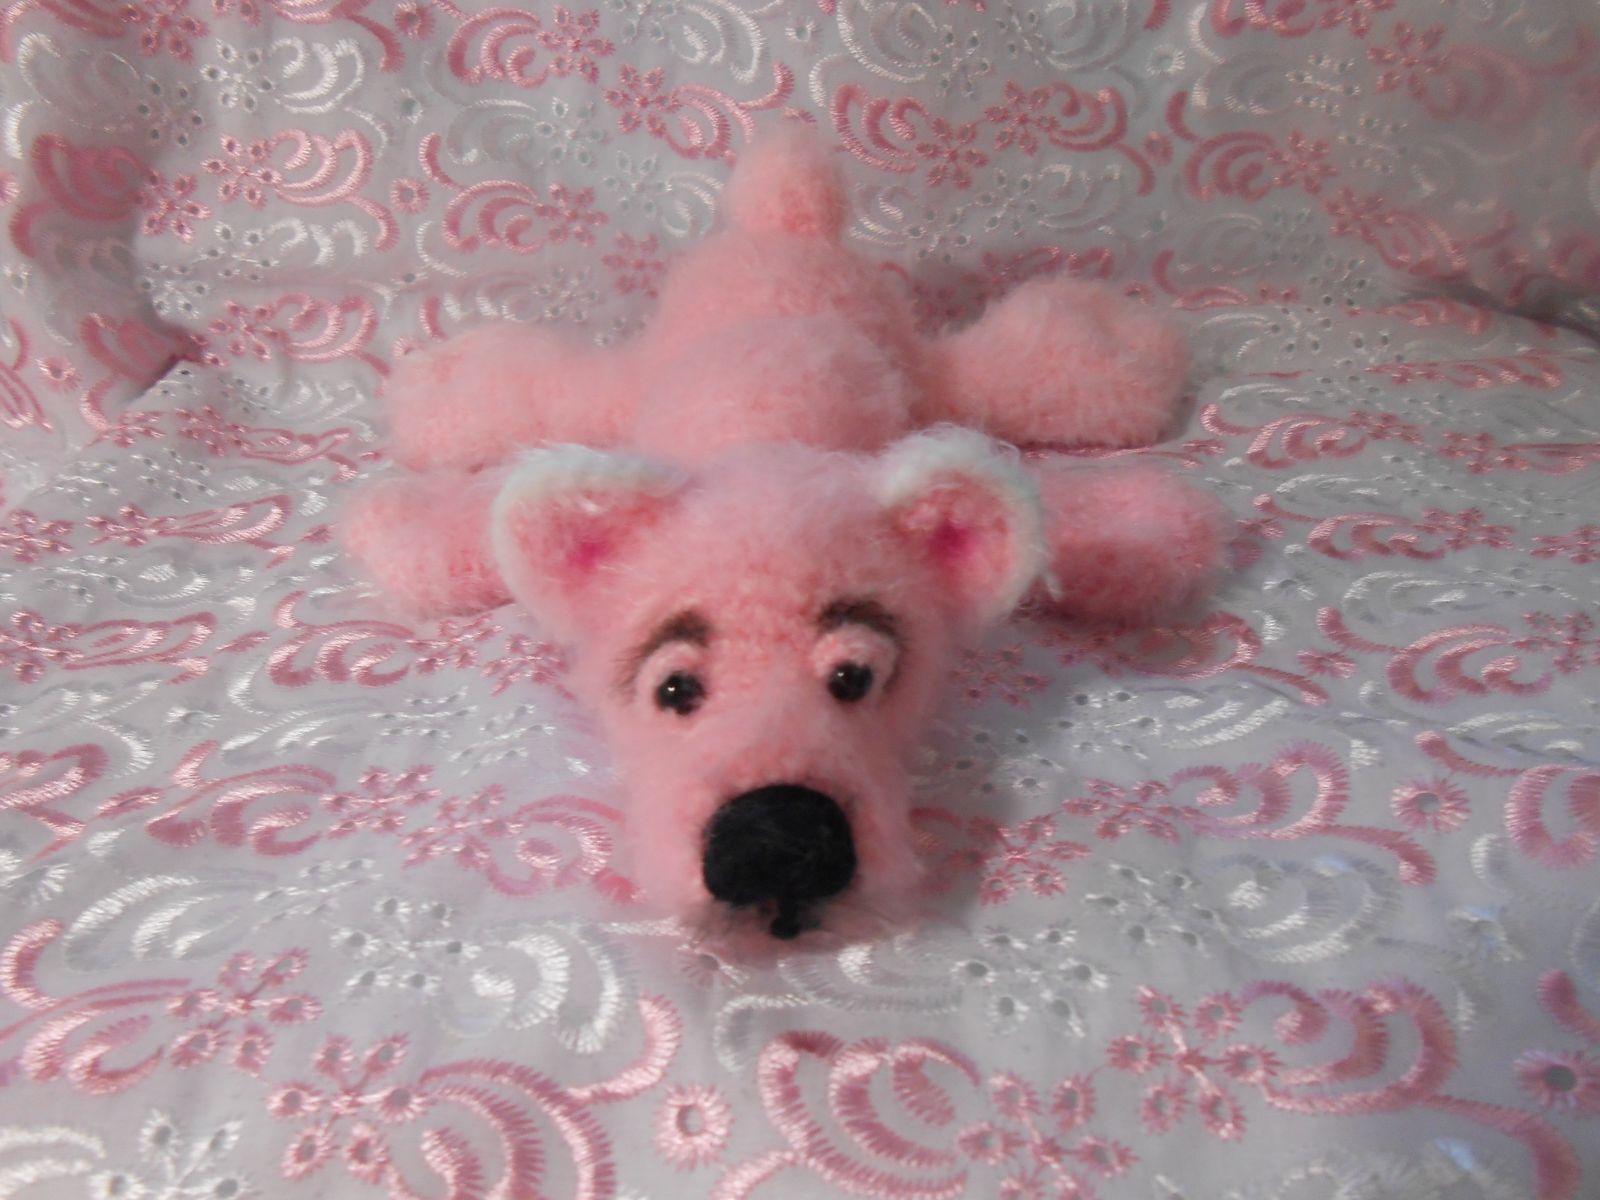 совсем фото картинки розовые сны такой дар